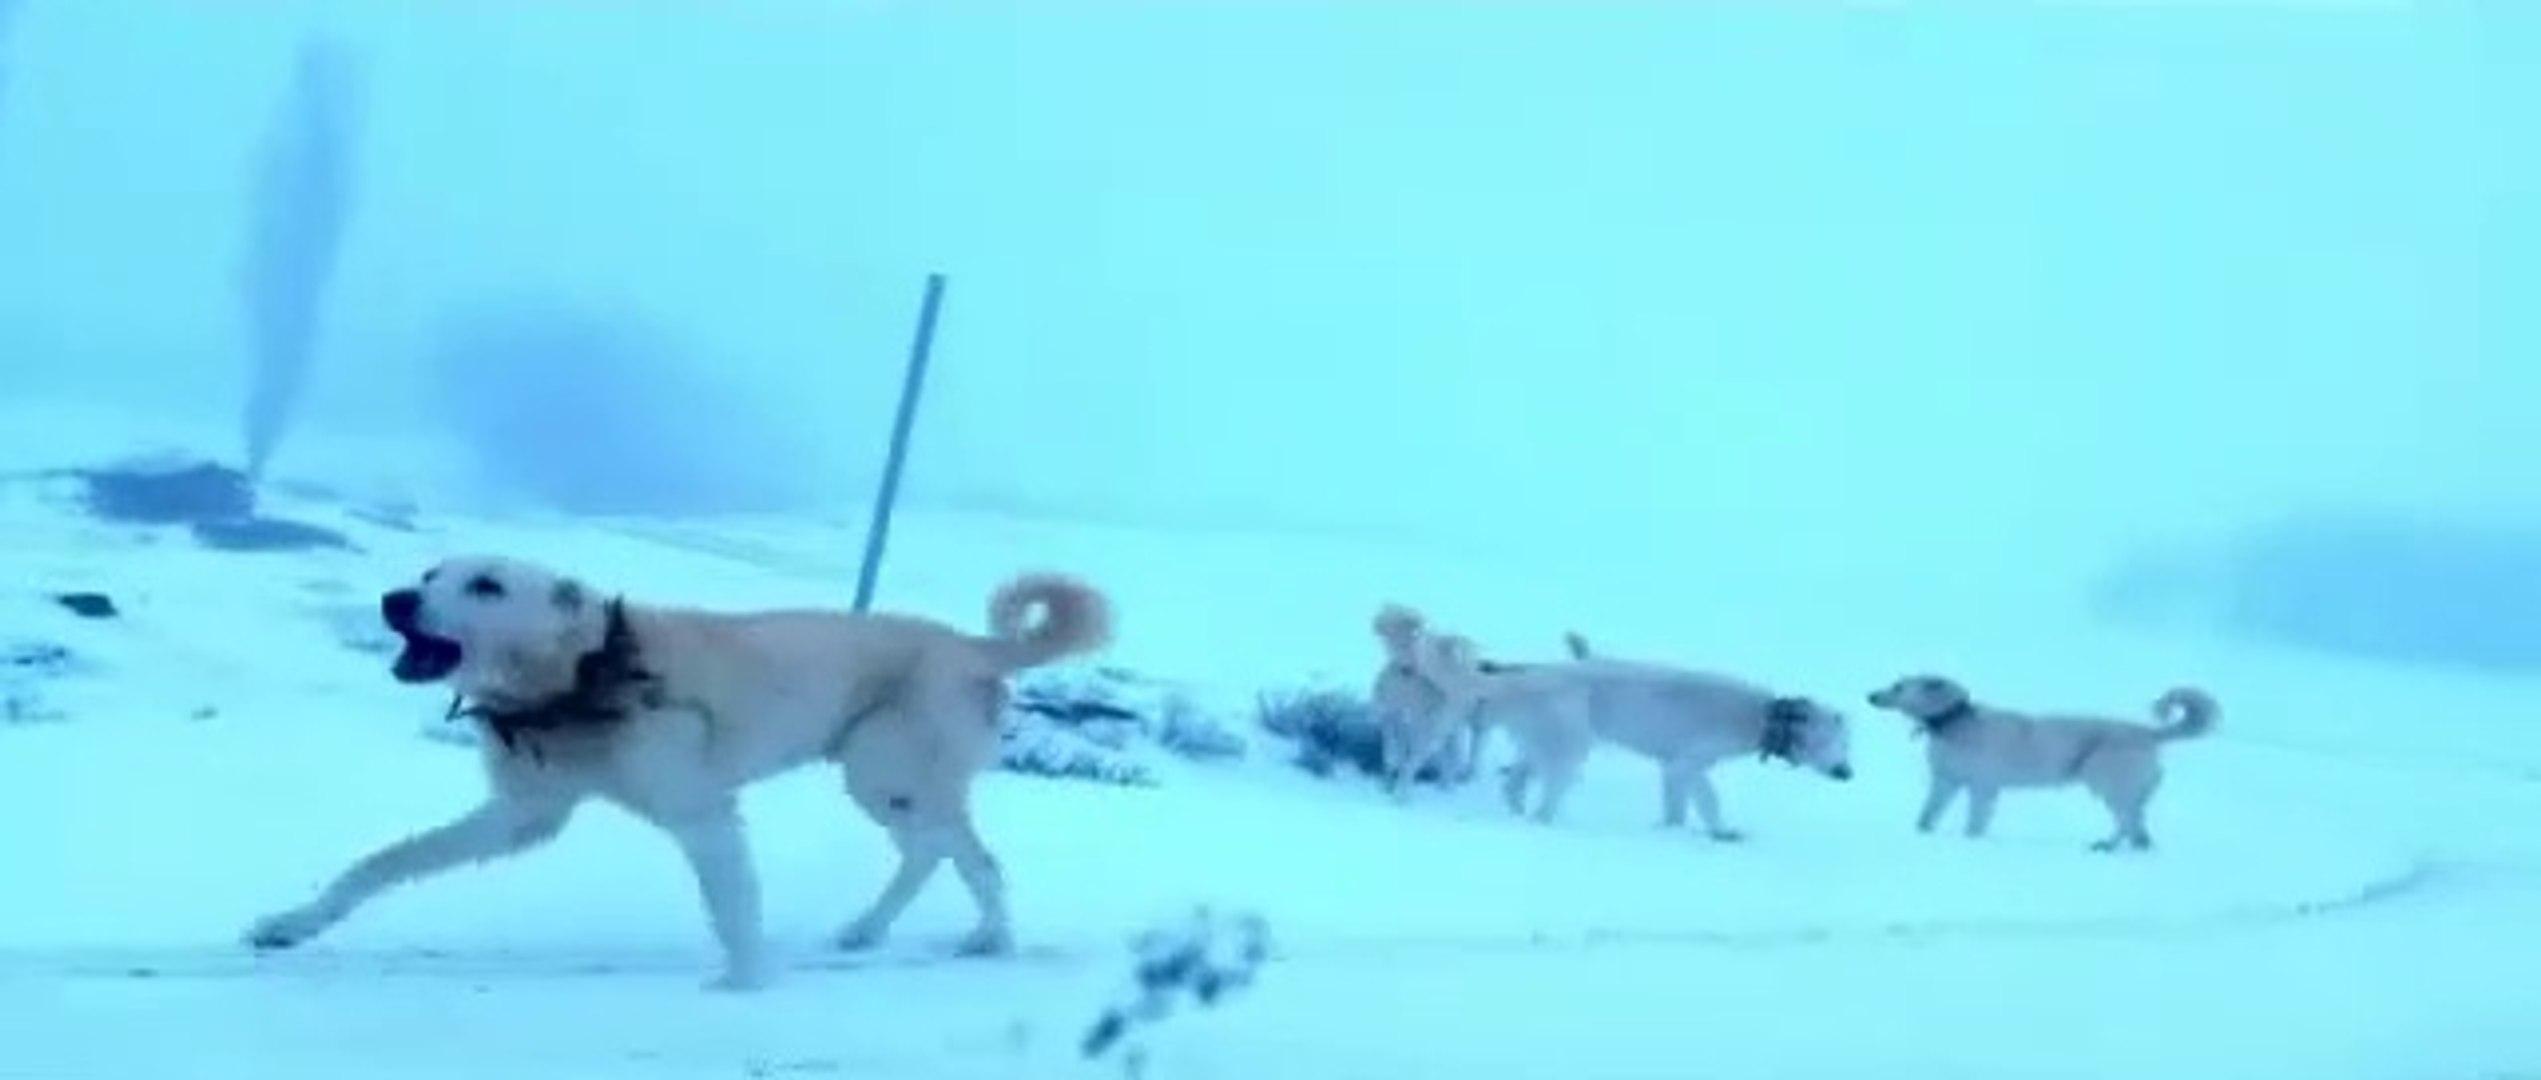 AKBAS KOPEKLERi ARABA KOVALIYOR - ANATOLiAN SHEPHERD DOG AKBASH